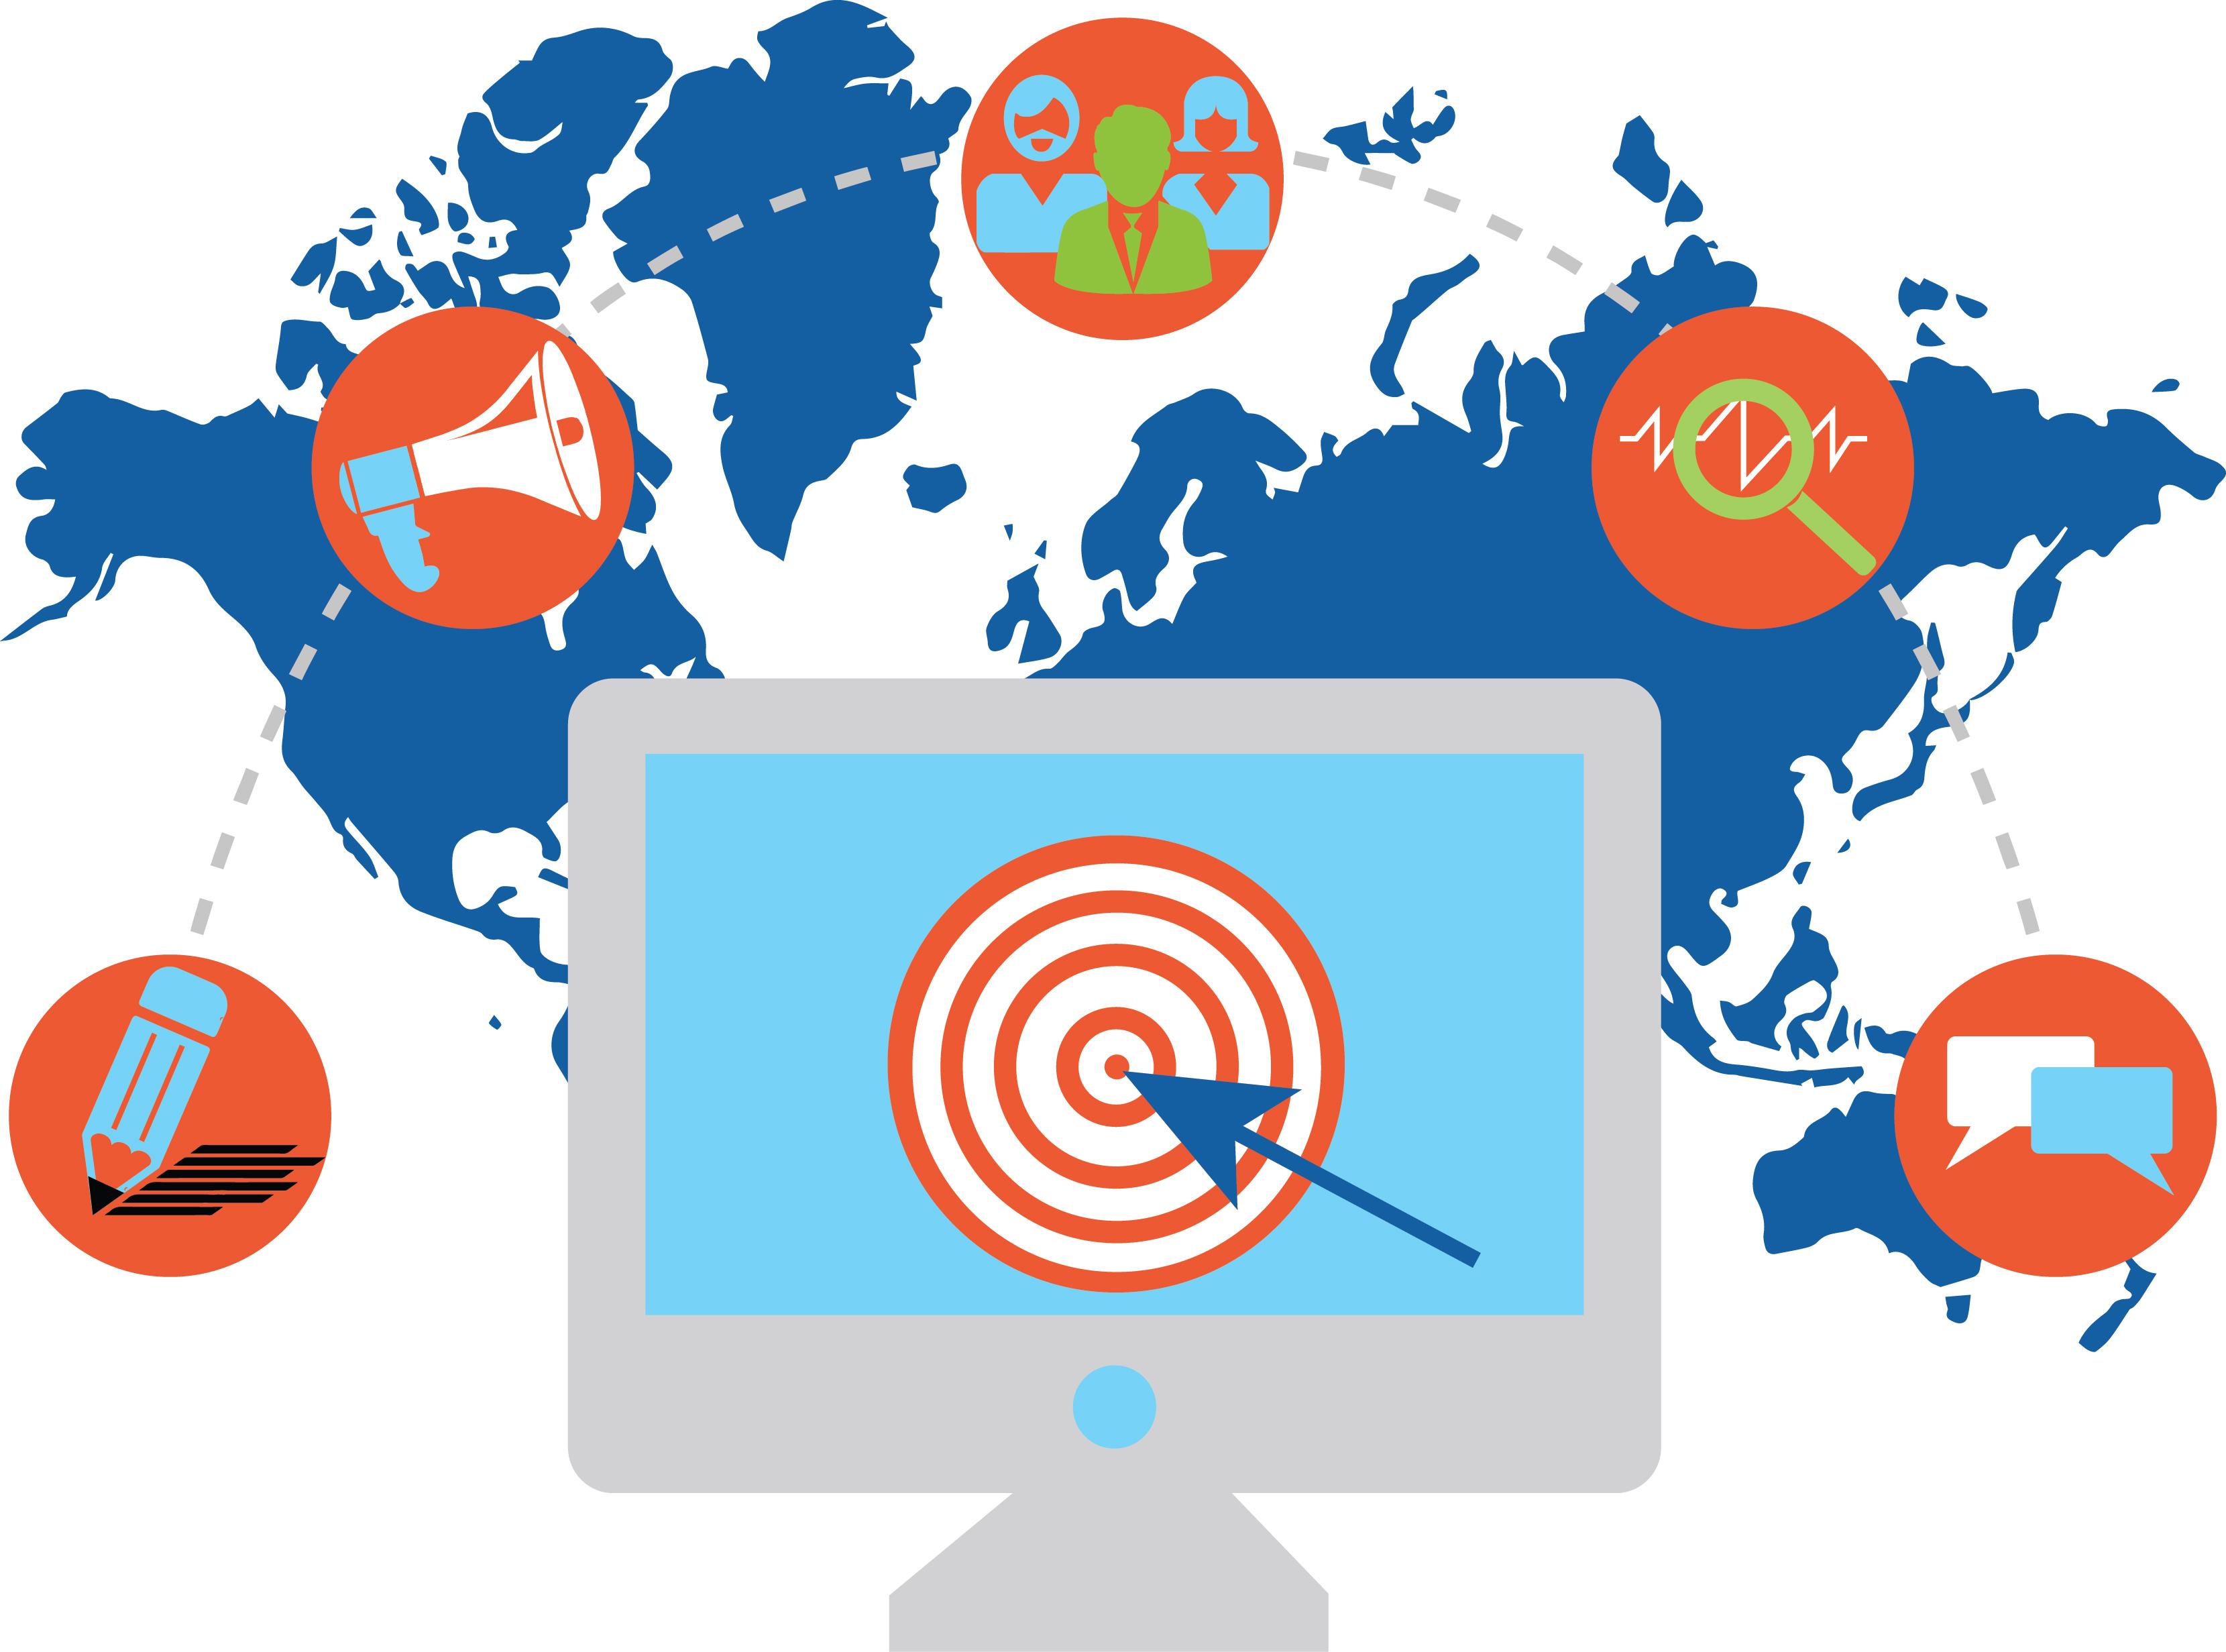 Dijital Pazarlama ve Sosyal Medya Uzmanlığı Lisans Programı 1